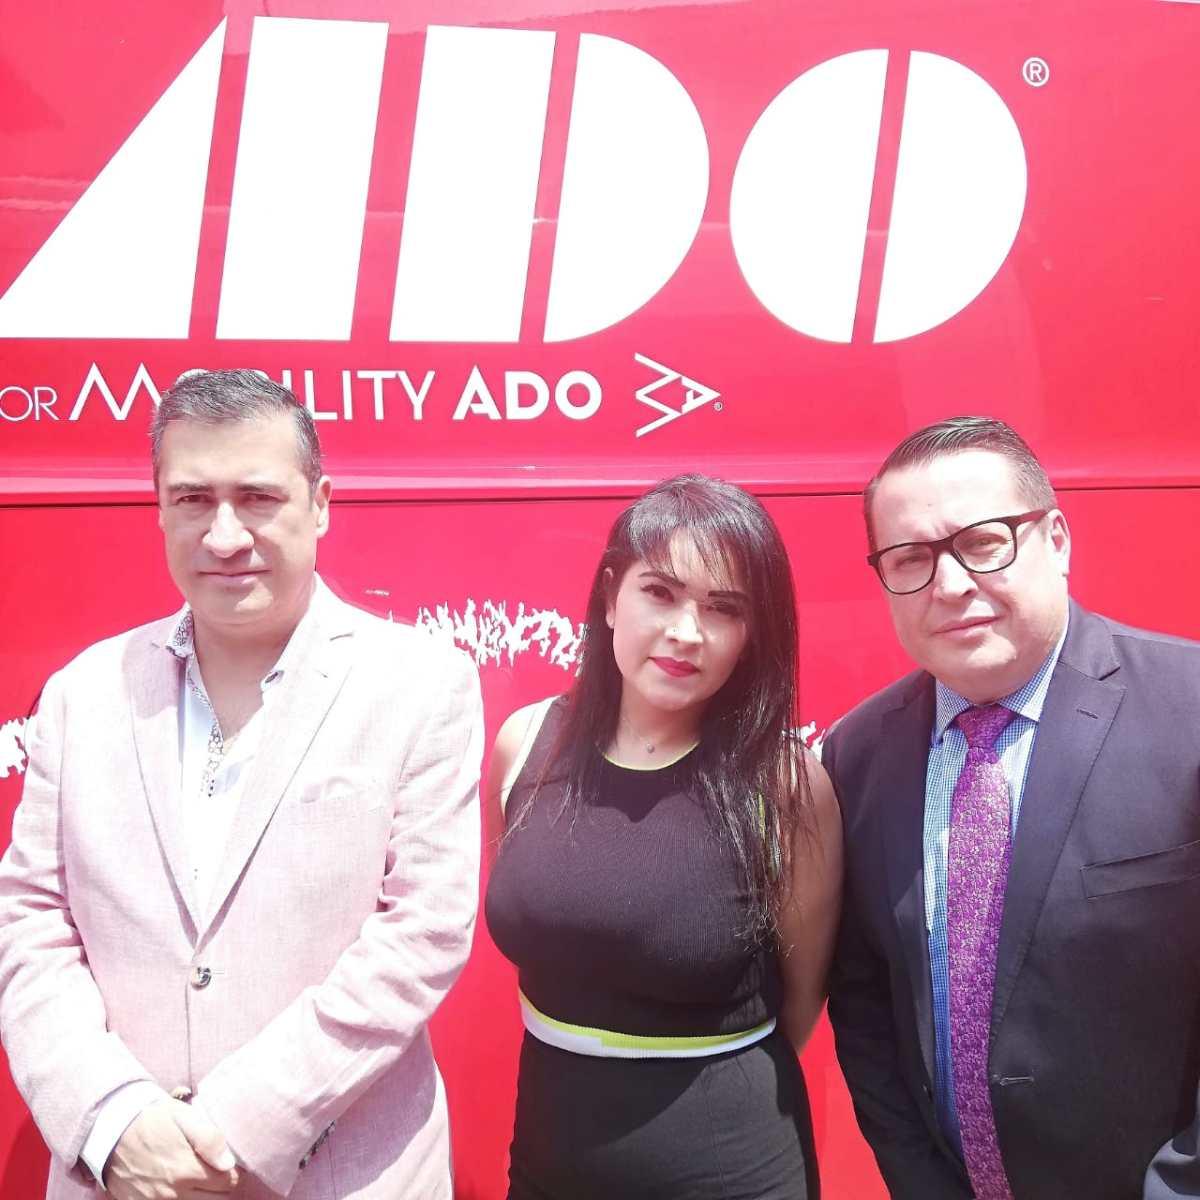 ADO Conecta amplía sus puntos de abordaje sin costo extra